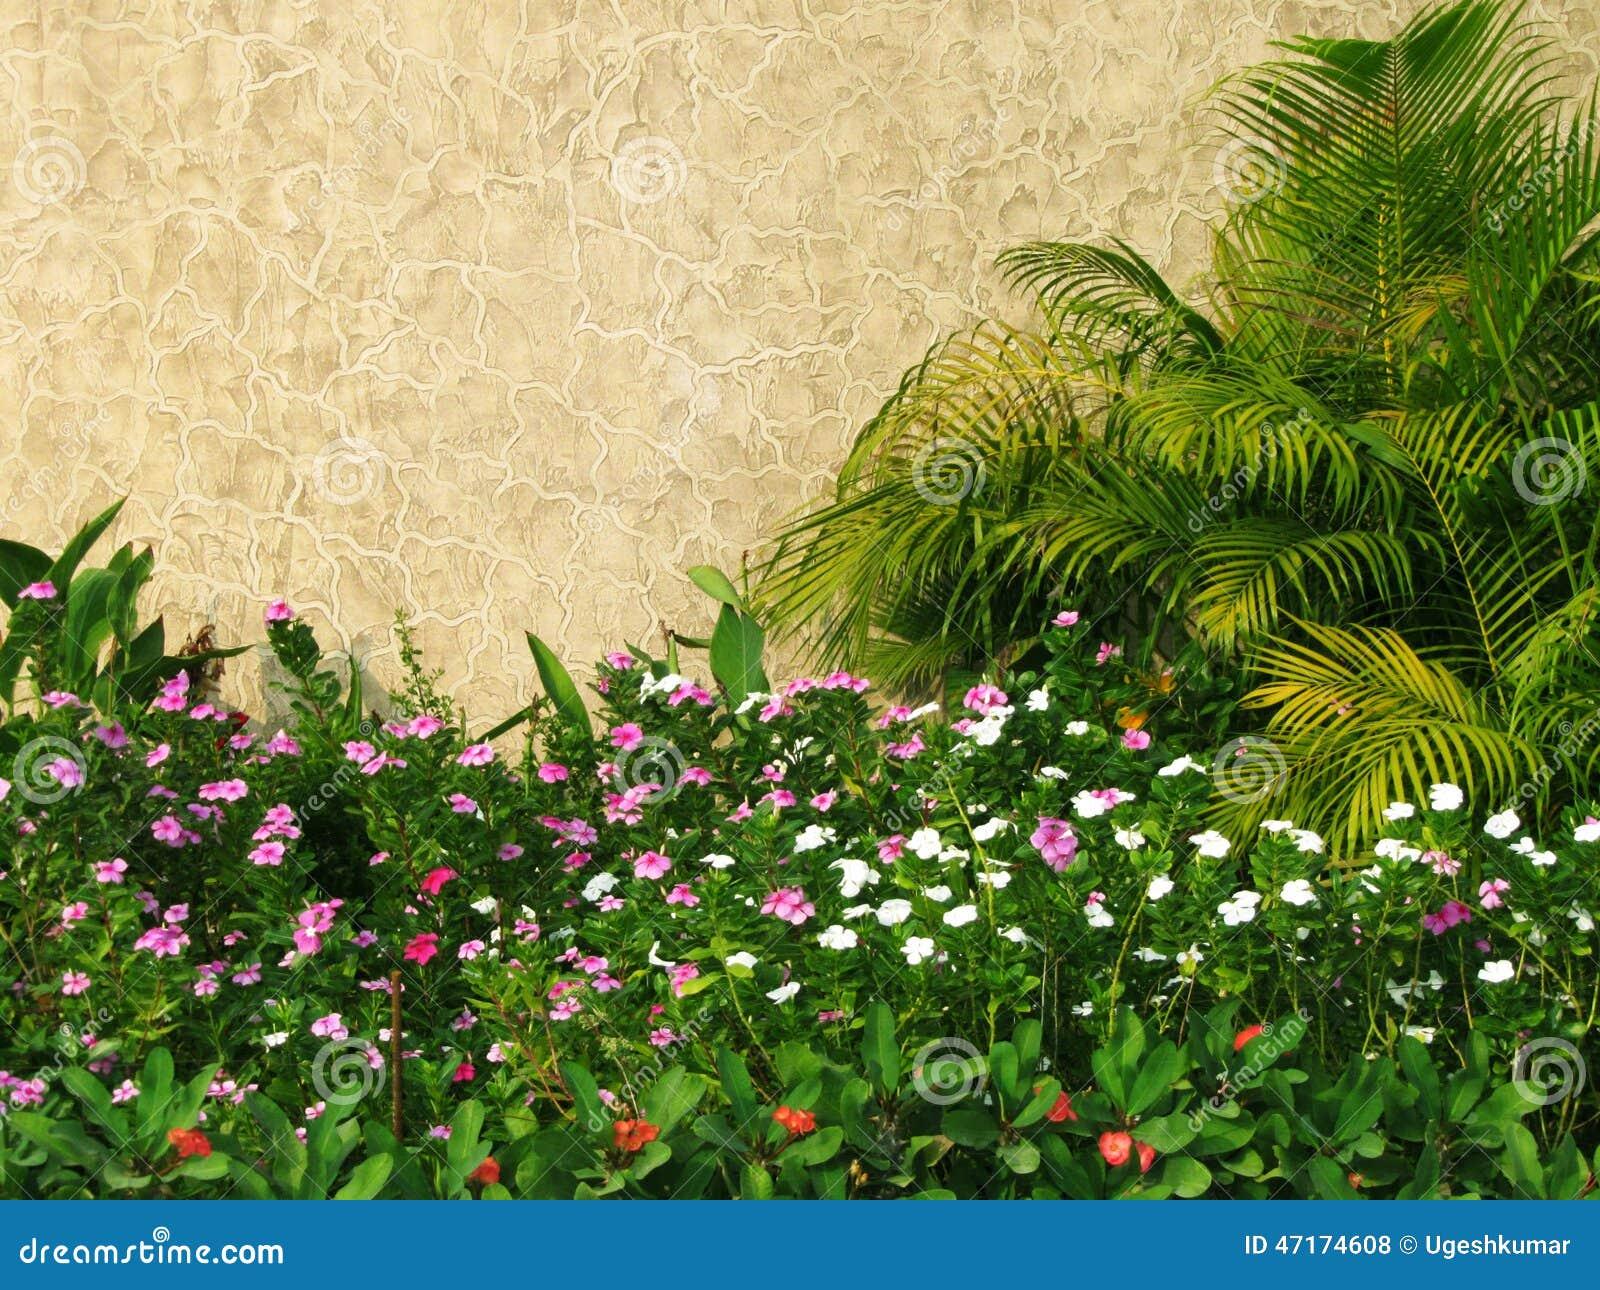 fotos jardim pequeno:Jardim pequeno bonito